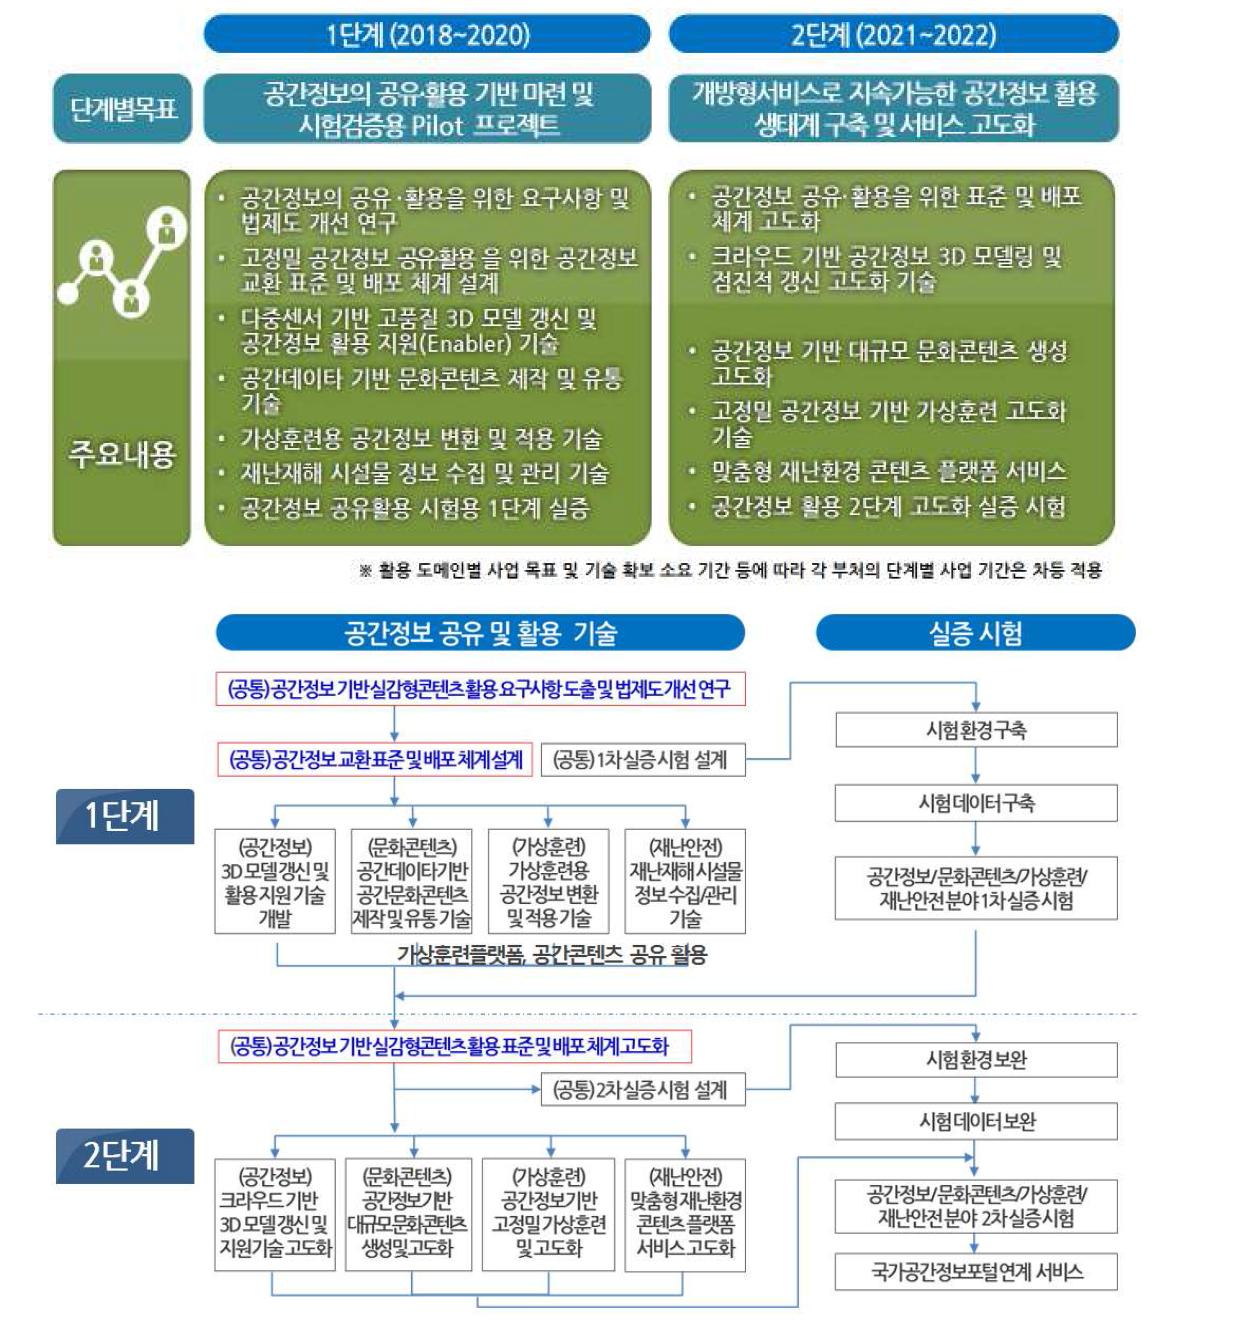 단계별 사업 추진 내용 및 계획